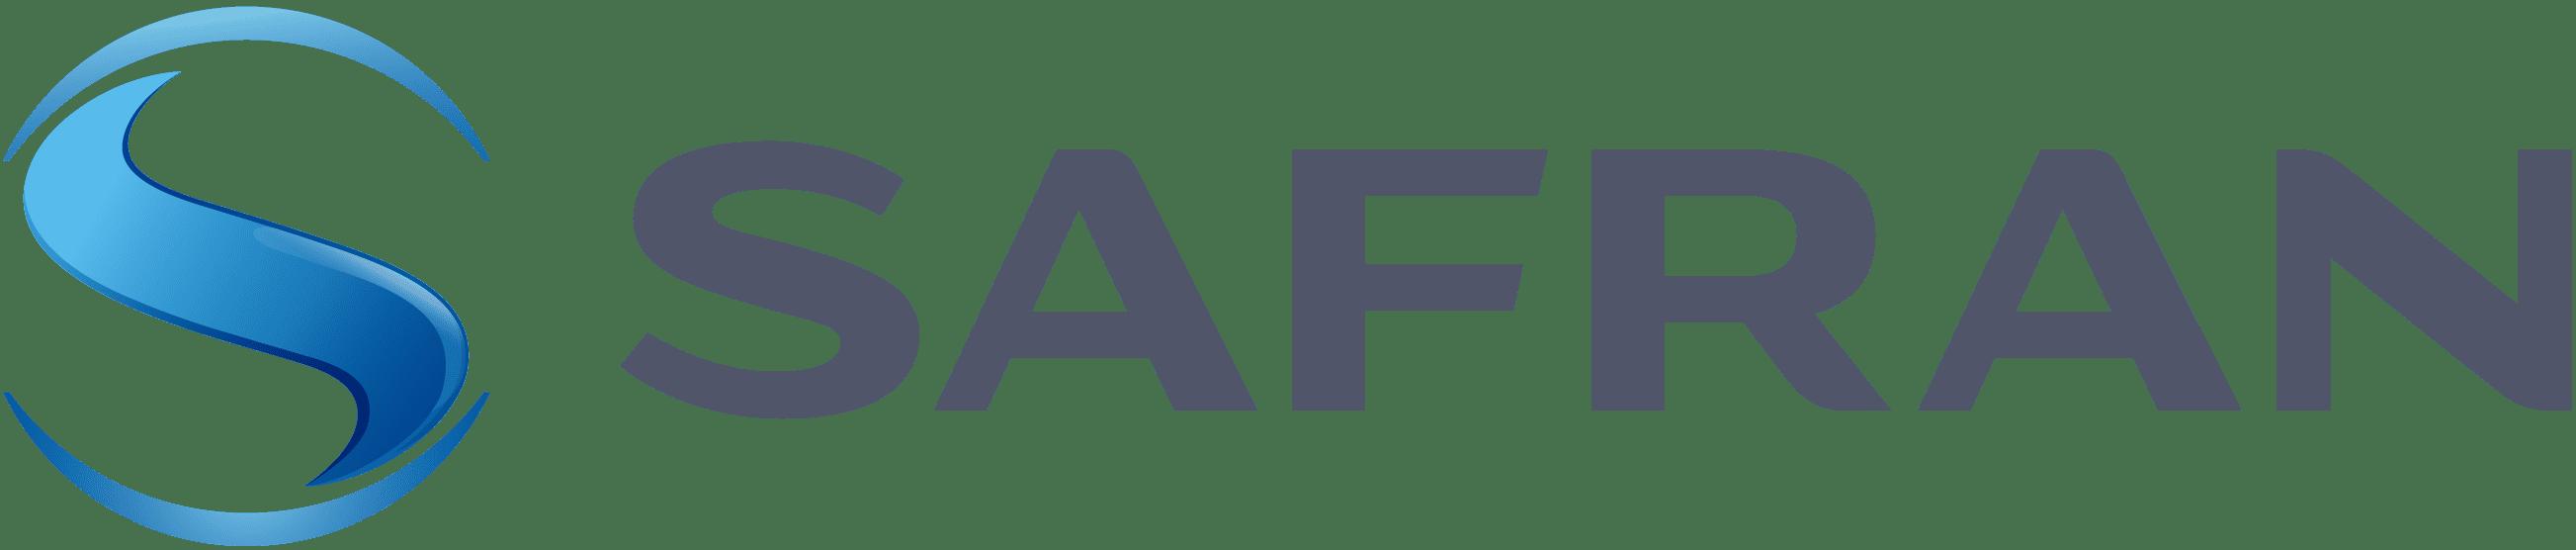 OEM-logo-safran-page